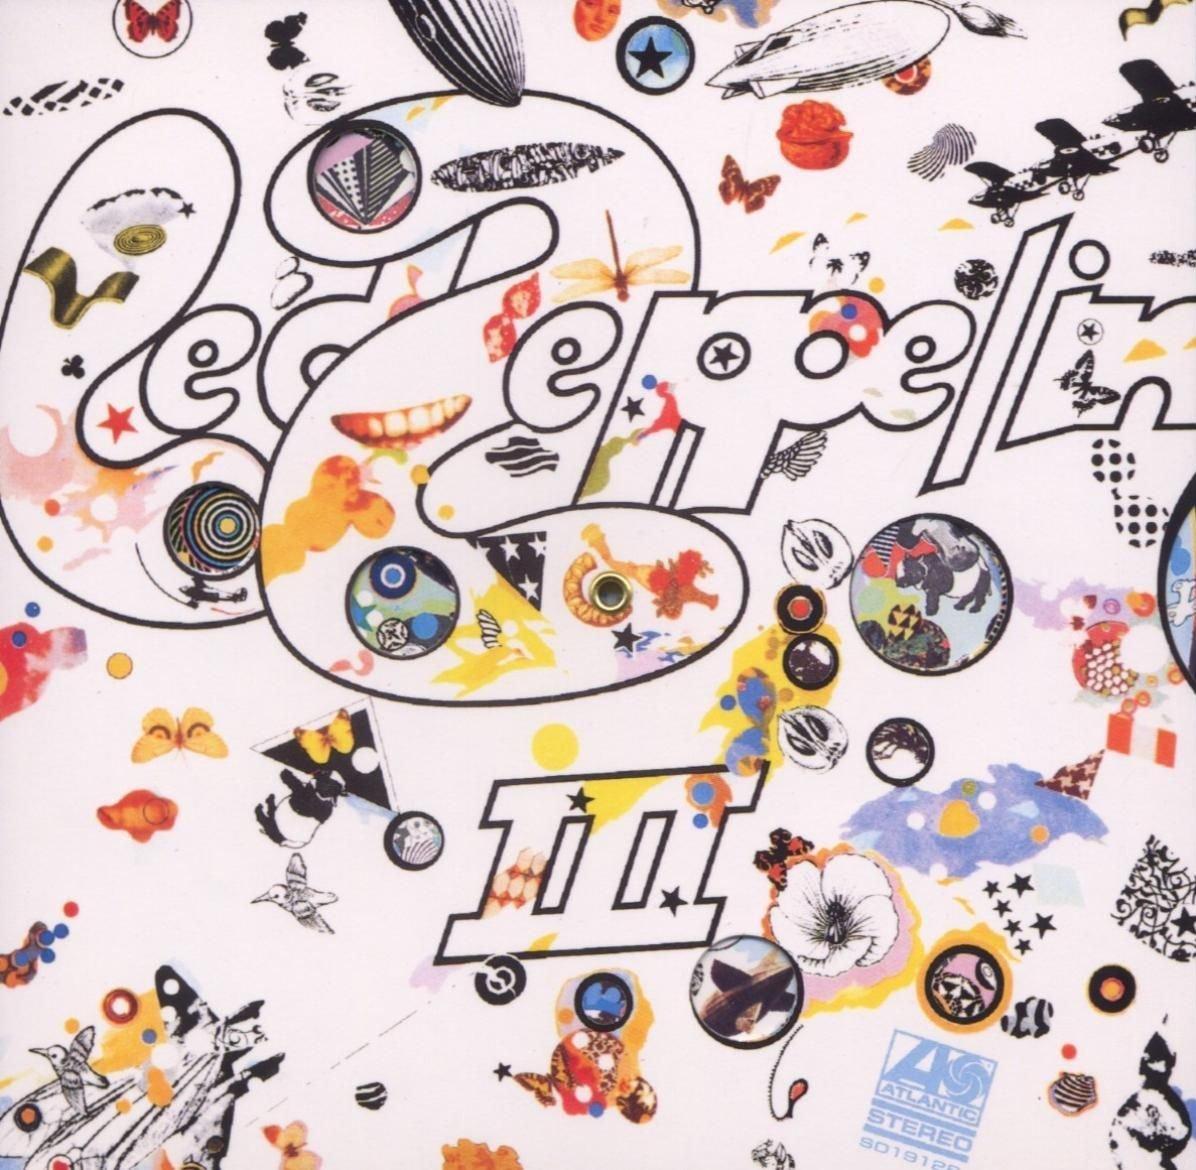 Vinilo : Led Zeppelin - Led Zeppelin 3 (180 Gram Vinyl)